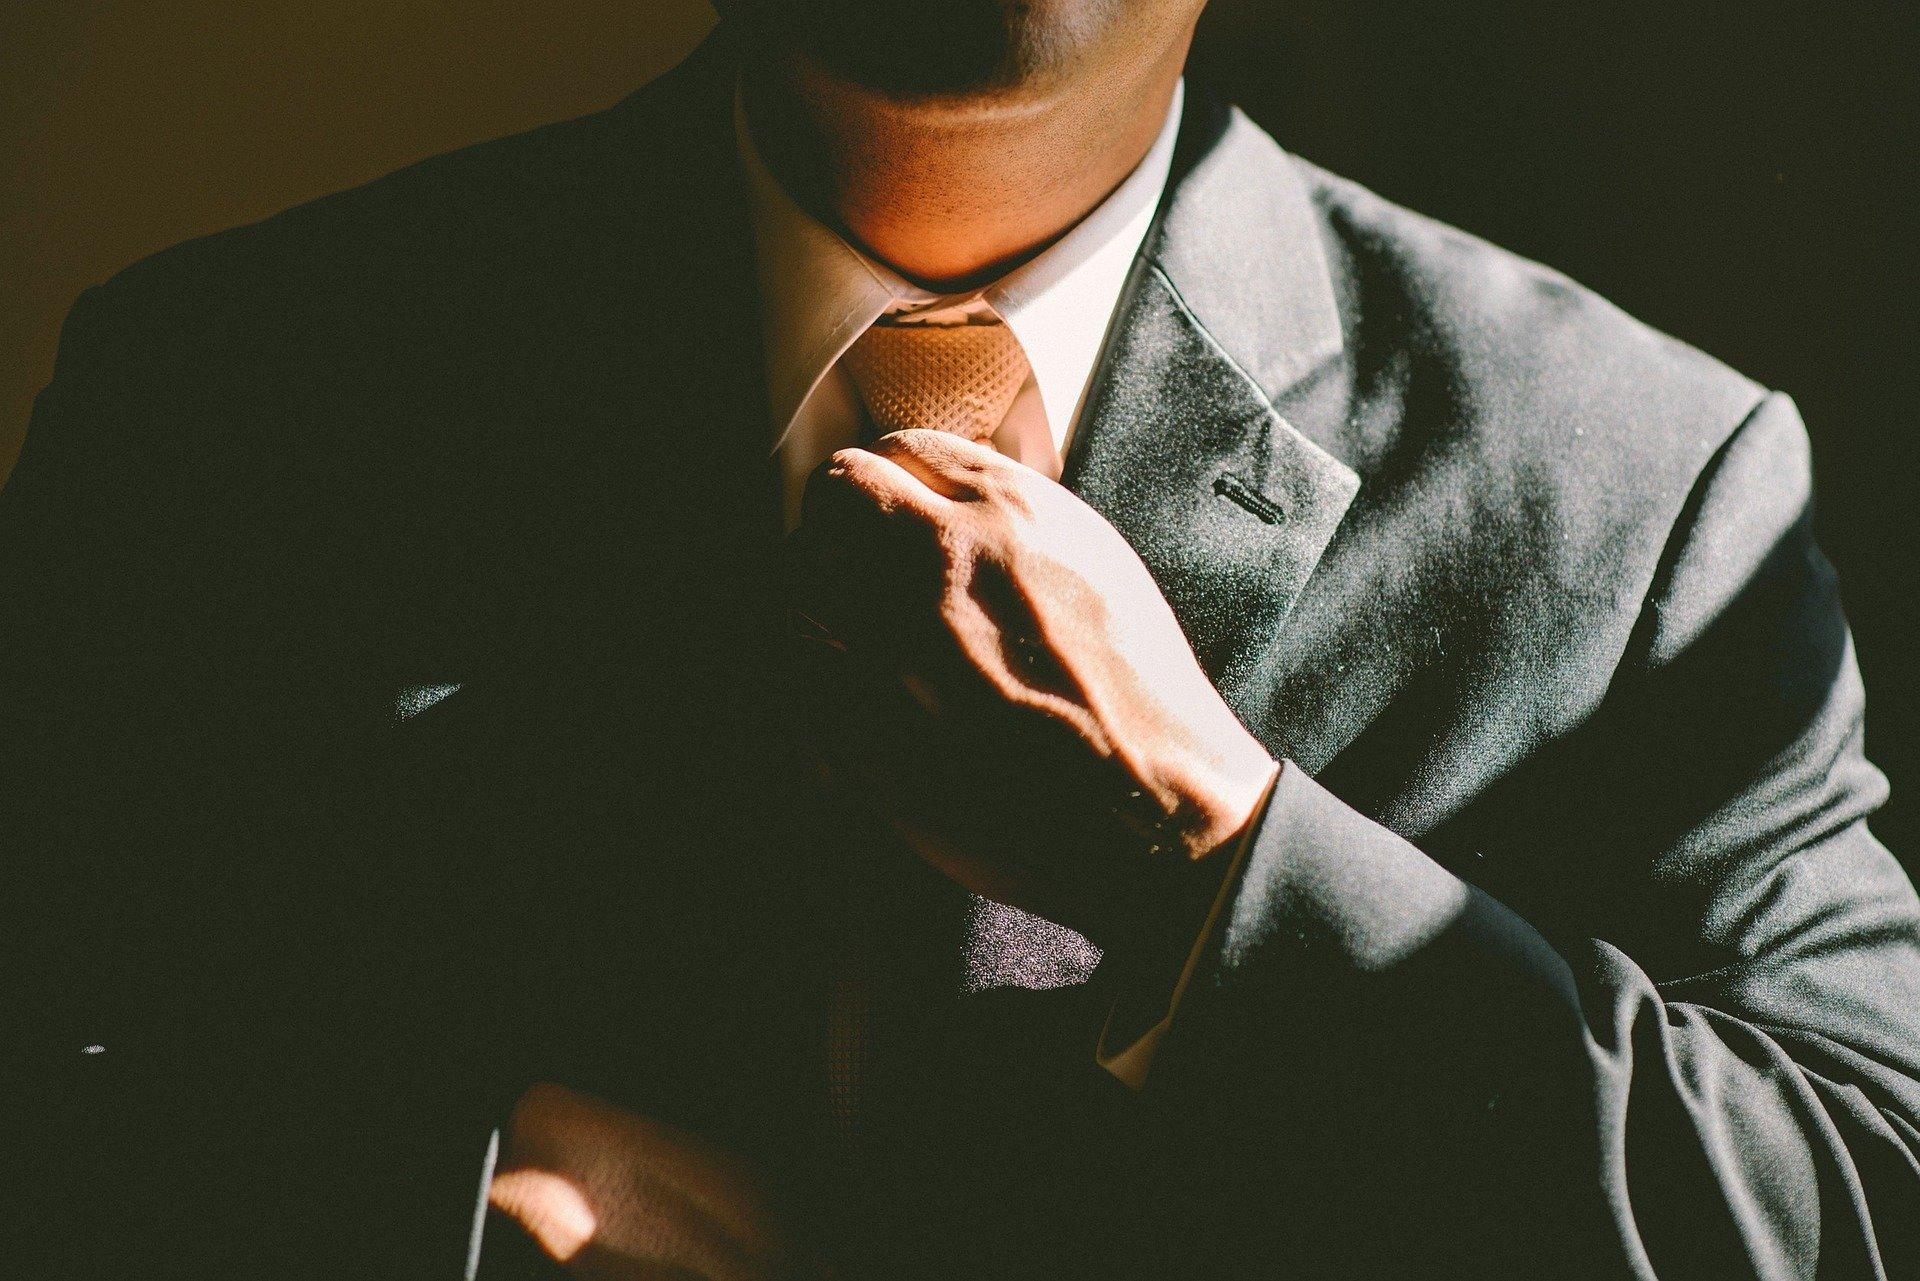 リクルートの契約社員(CV職)とは?人気の理由や面接のコツを元リクが徹底解説